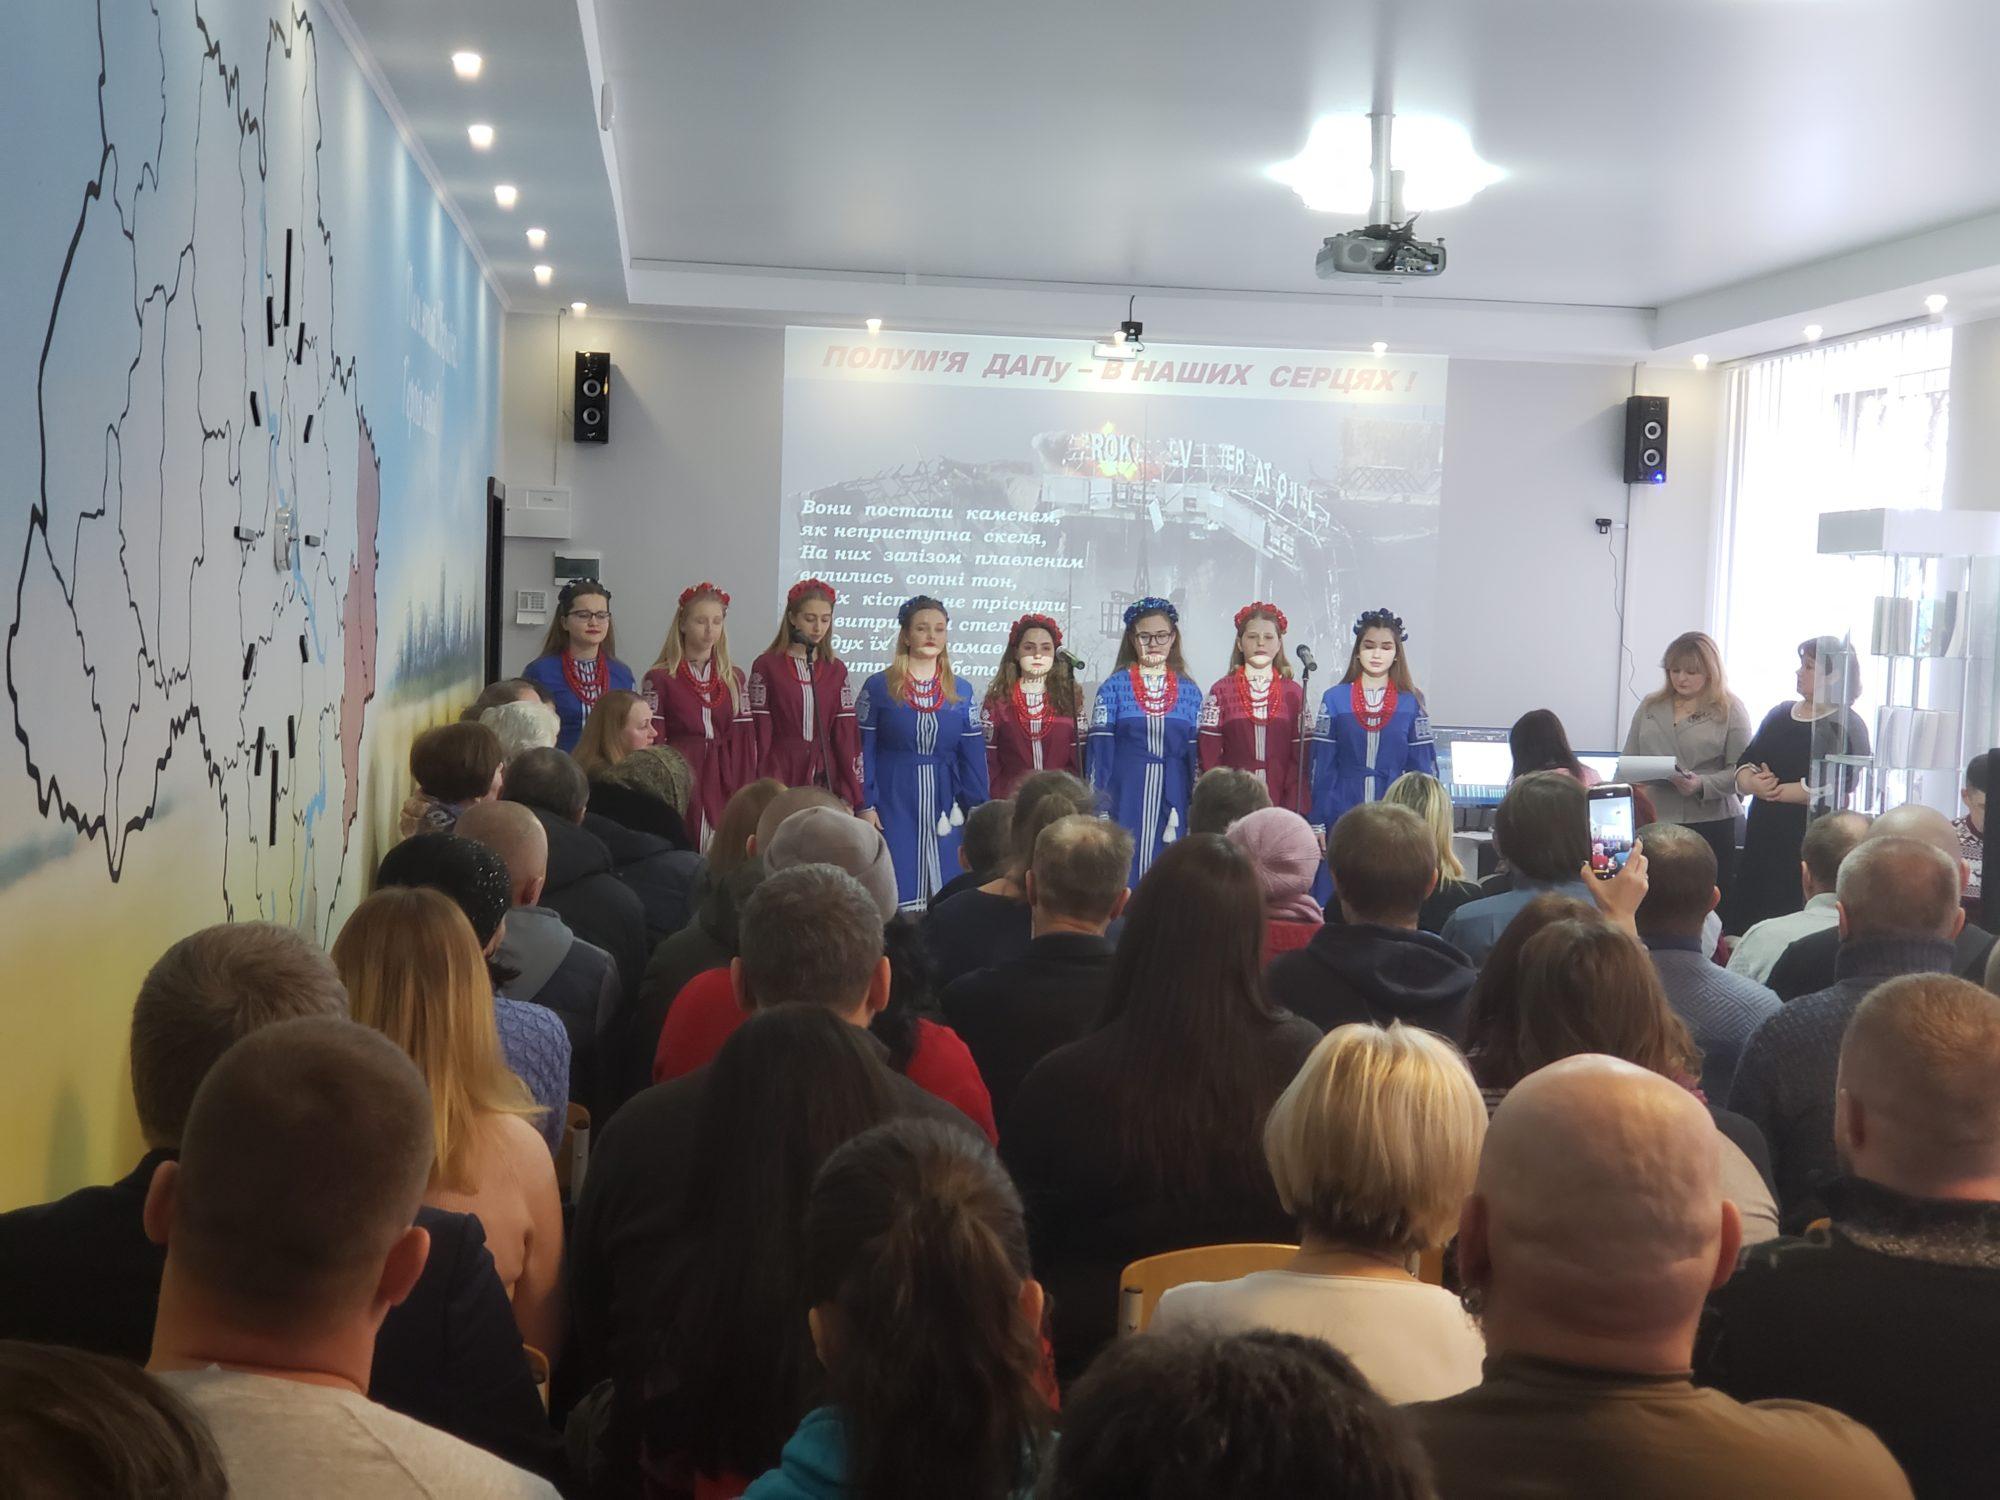 """20200120_135319-2000x1500 """"Полум'я ДАПу - в наших серцях"""": у Борисполі вшанували воїнів-""""кіборгів"""""""